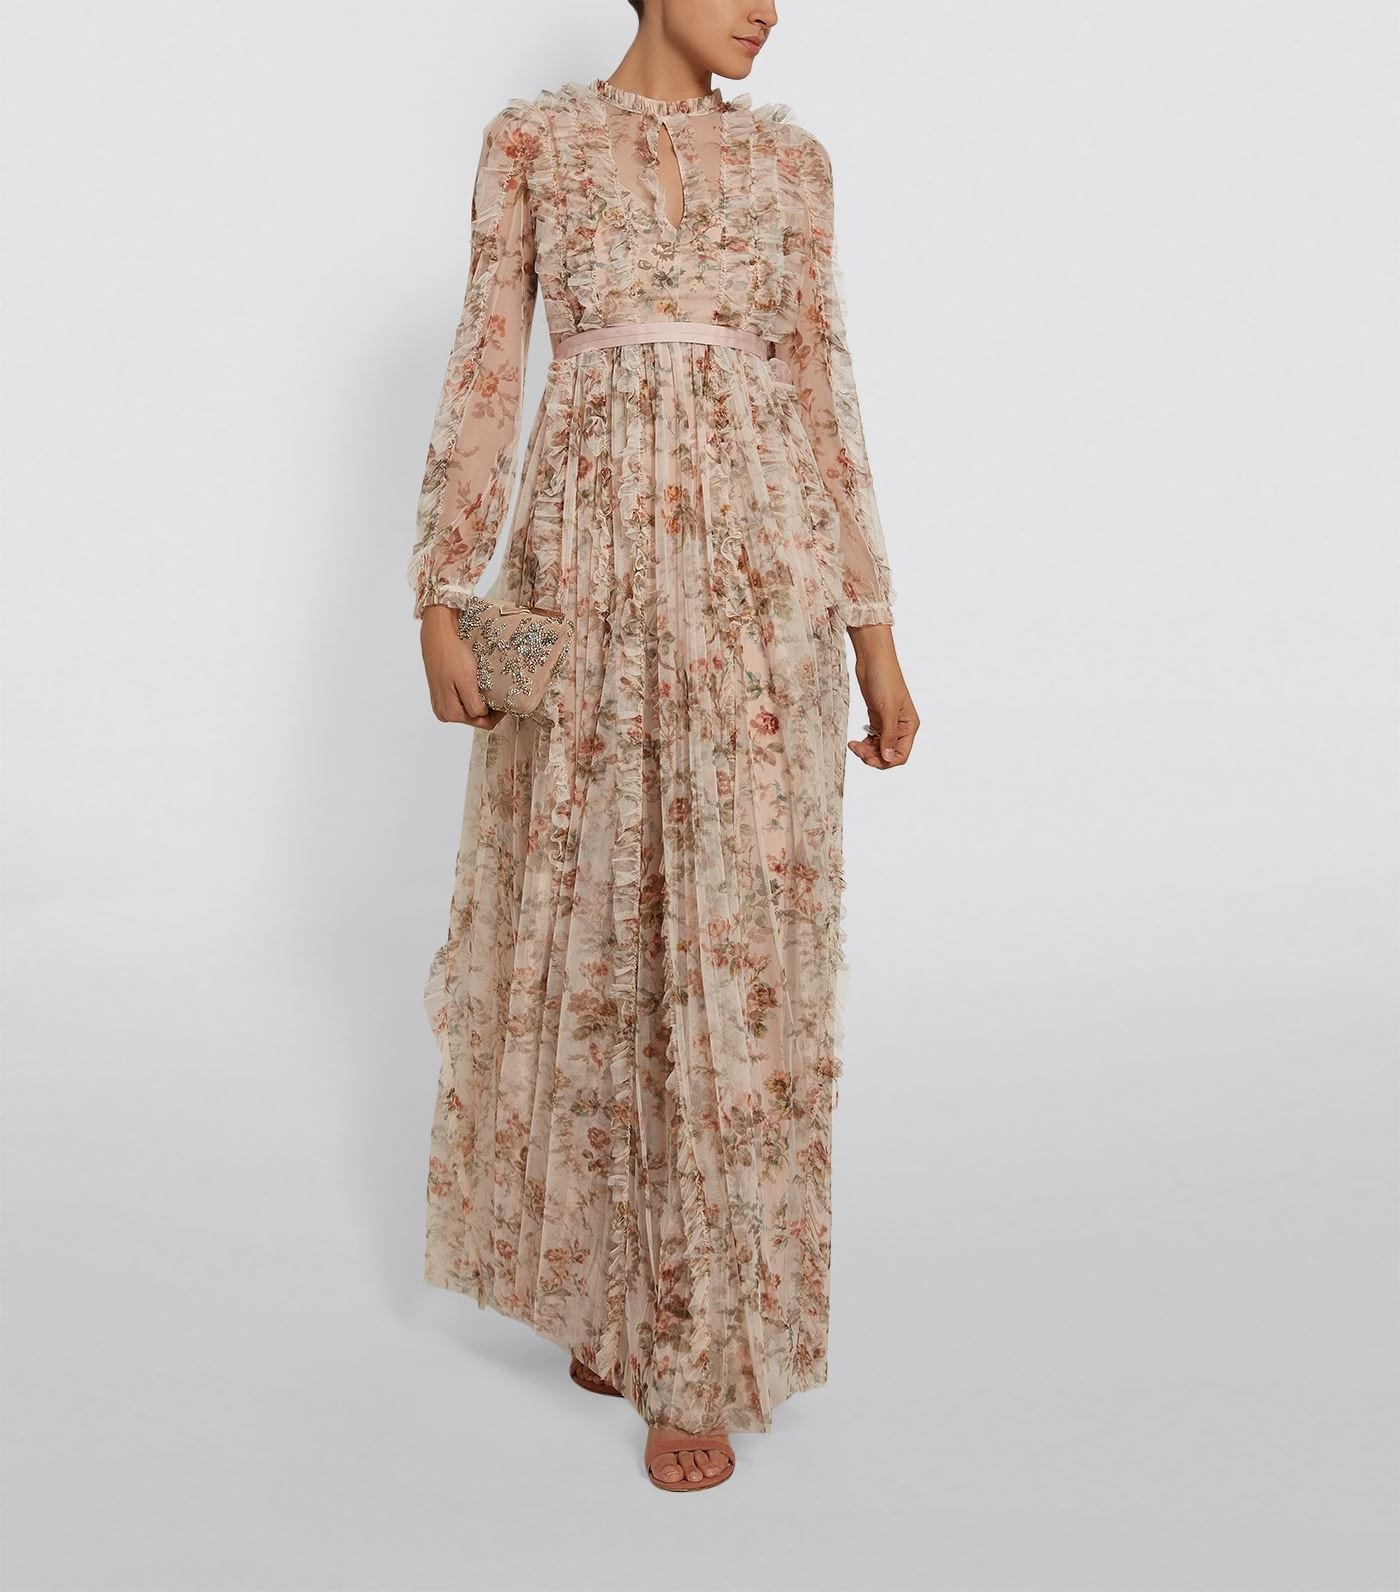 NEEDLE & THREAD Garland Flora Gown